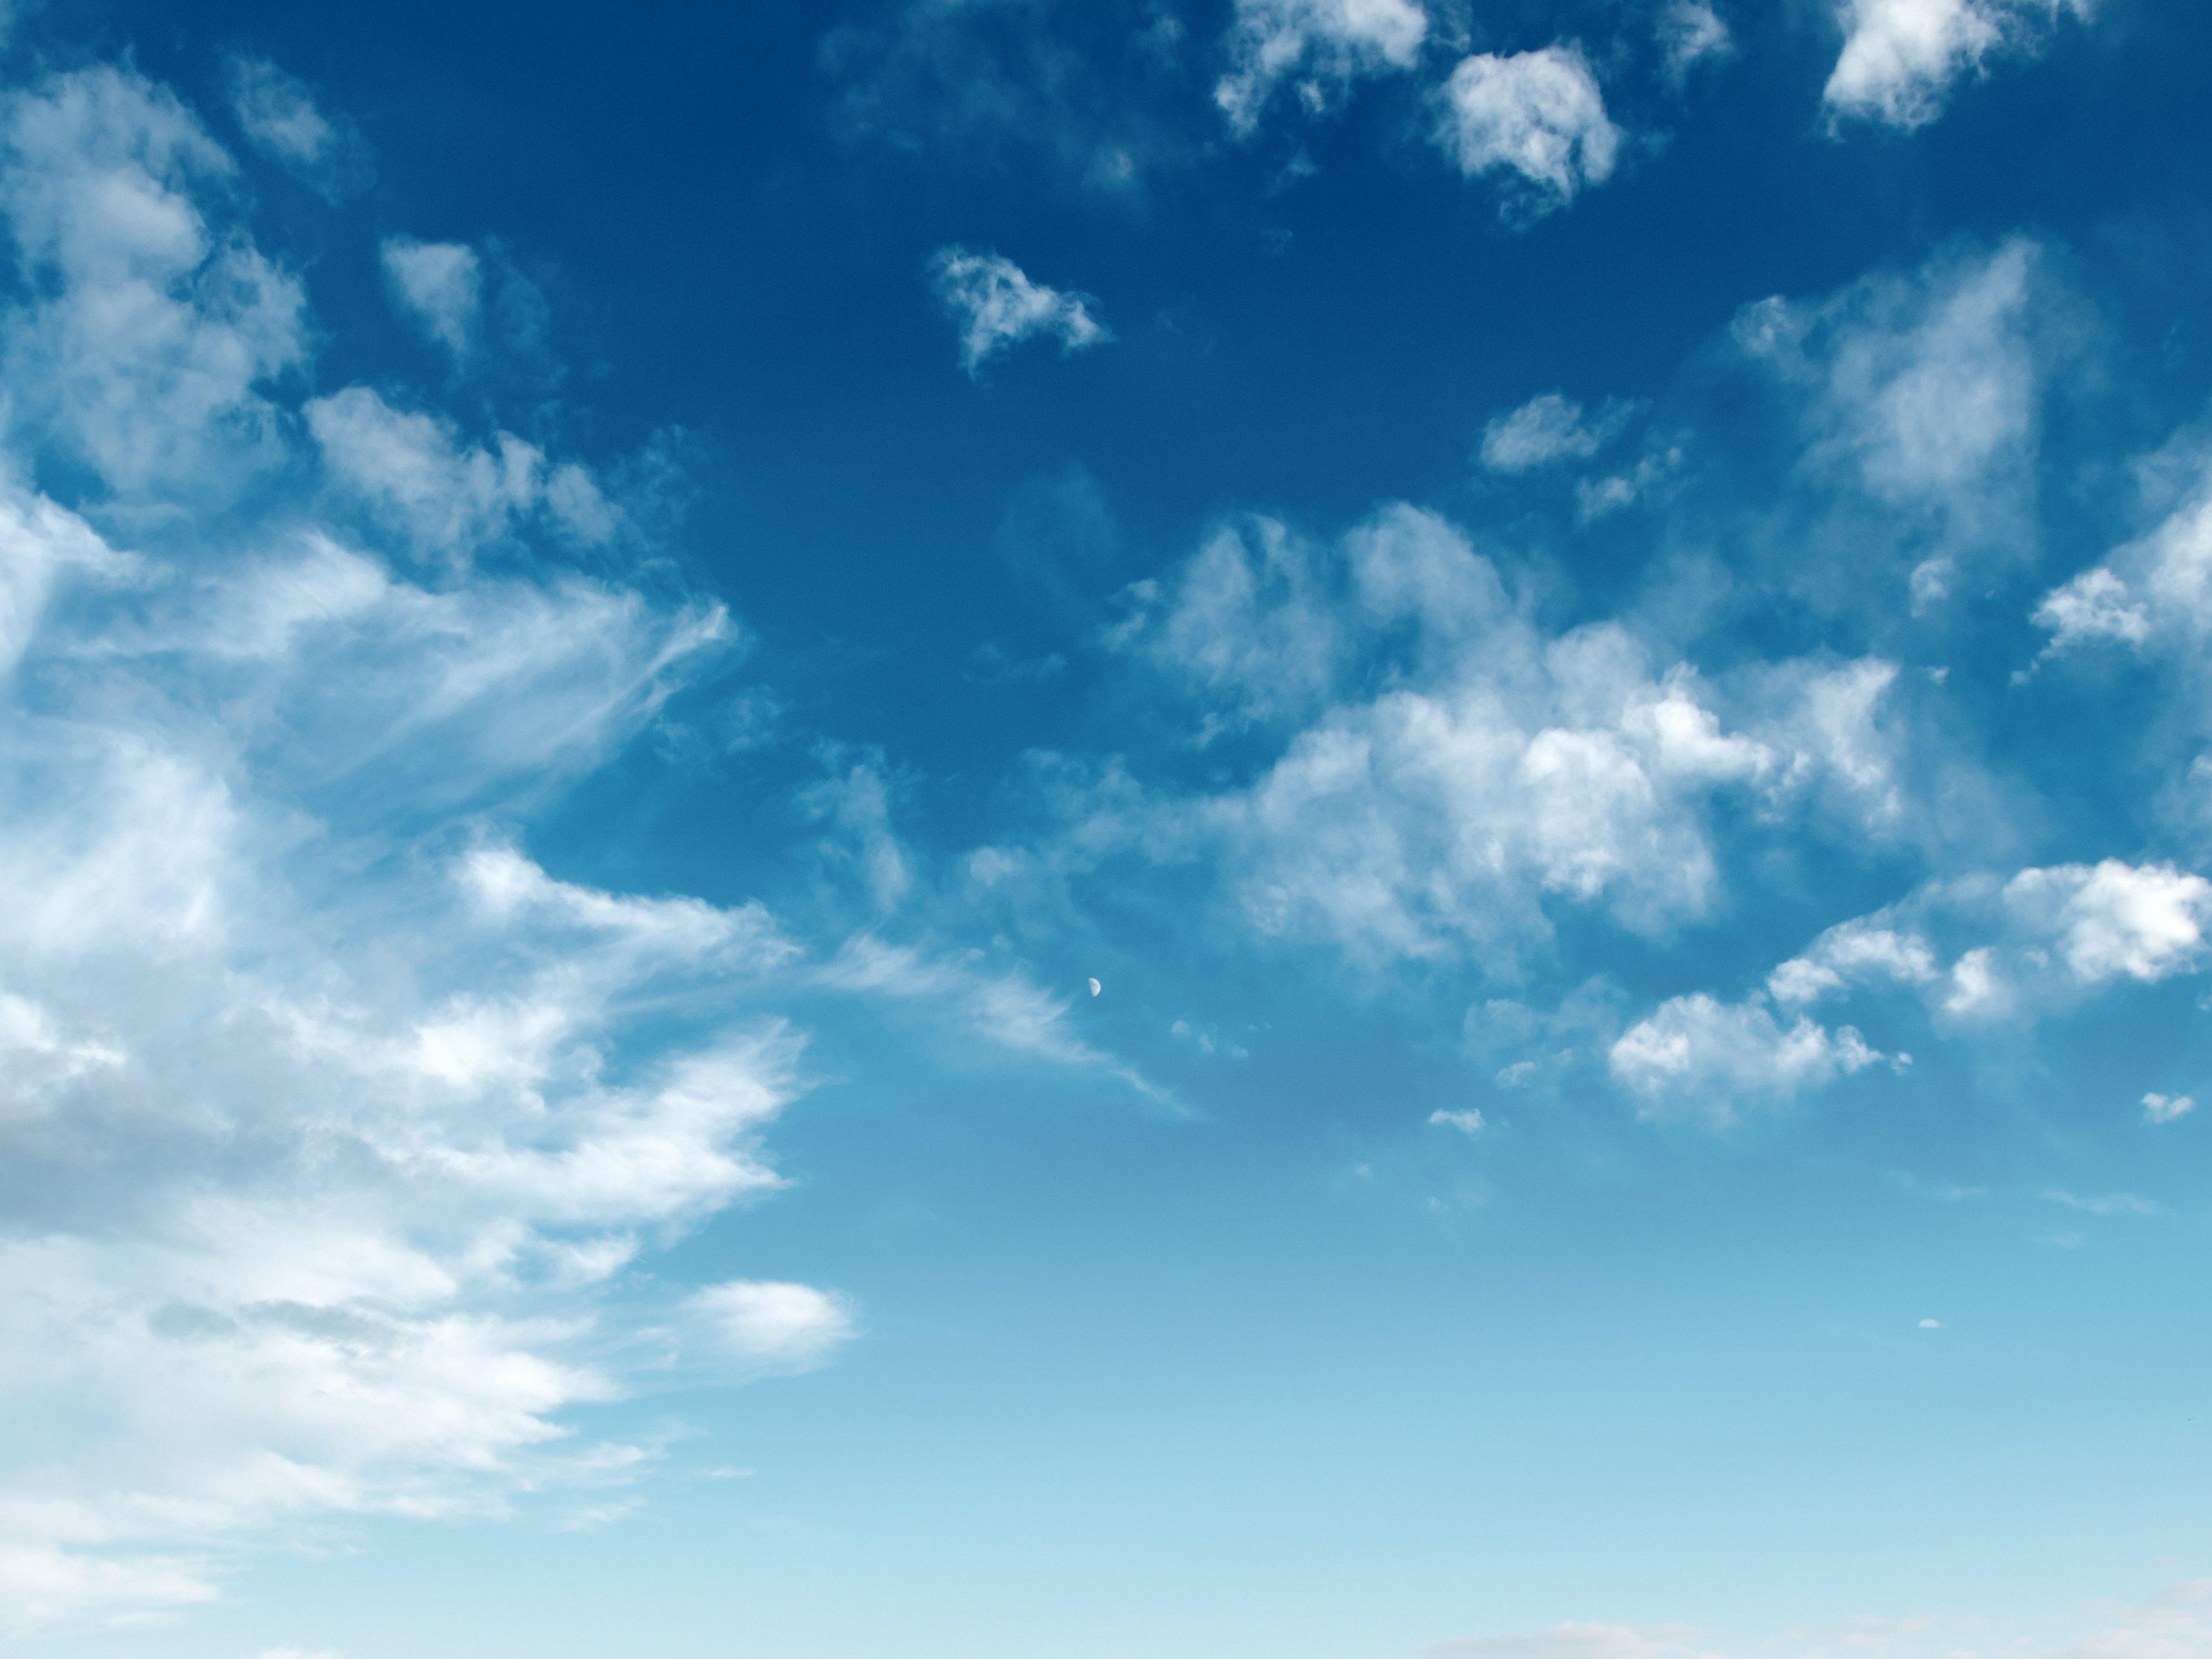 Kvalitu ovzduší v ČR ovlivňují domácí a zahraniční zdroje půl na půl